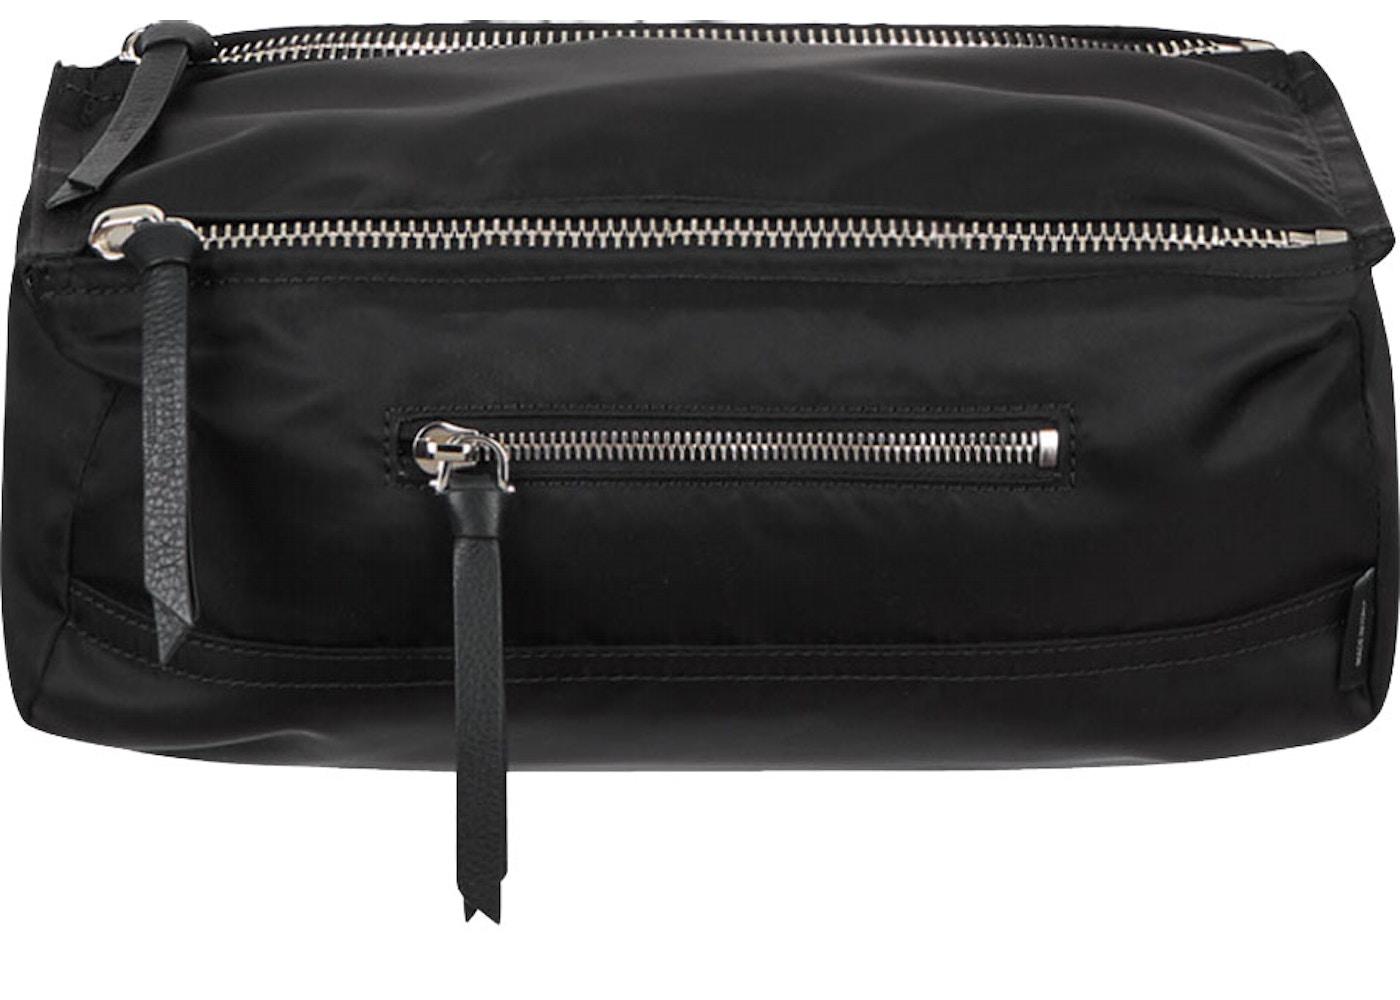 d31e6fa03d Givenchy Pandora 4G Bum Bag Black. Black